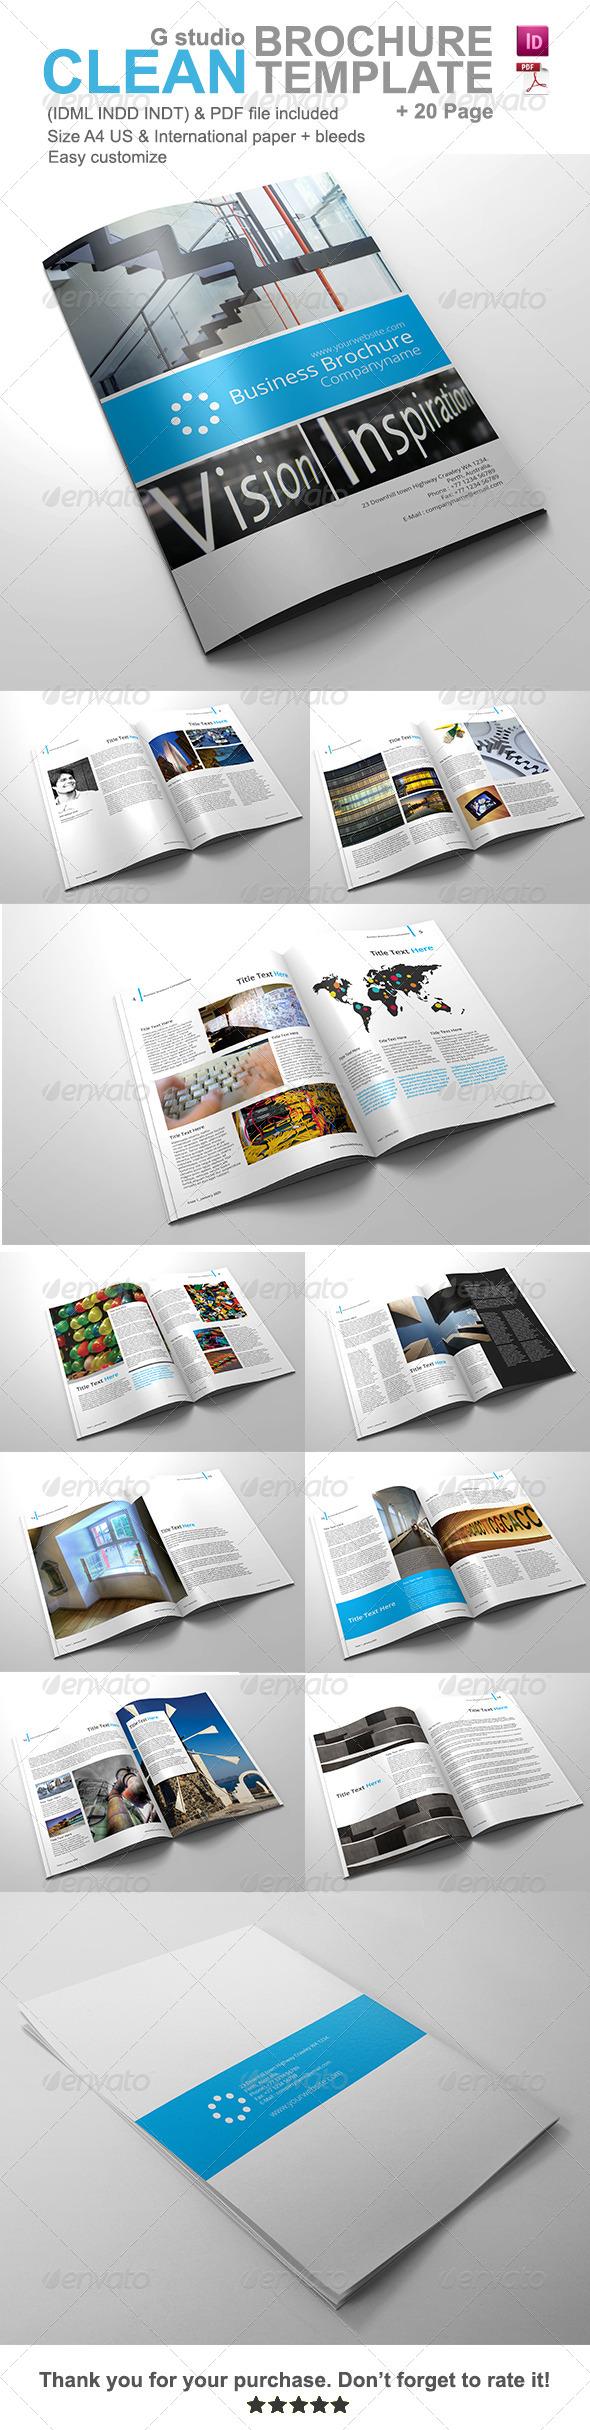 GraphicRiver Gstudio Clean Brochure Template V2 4453743